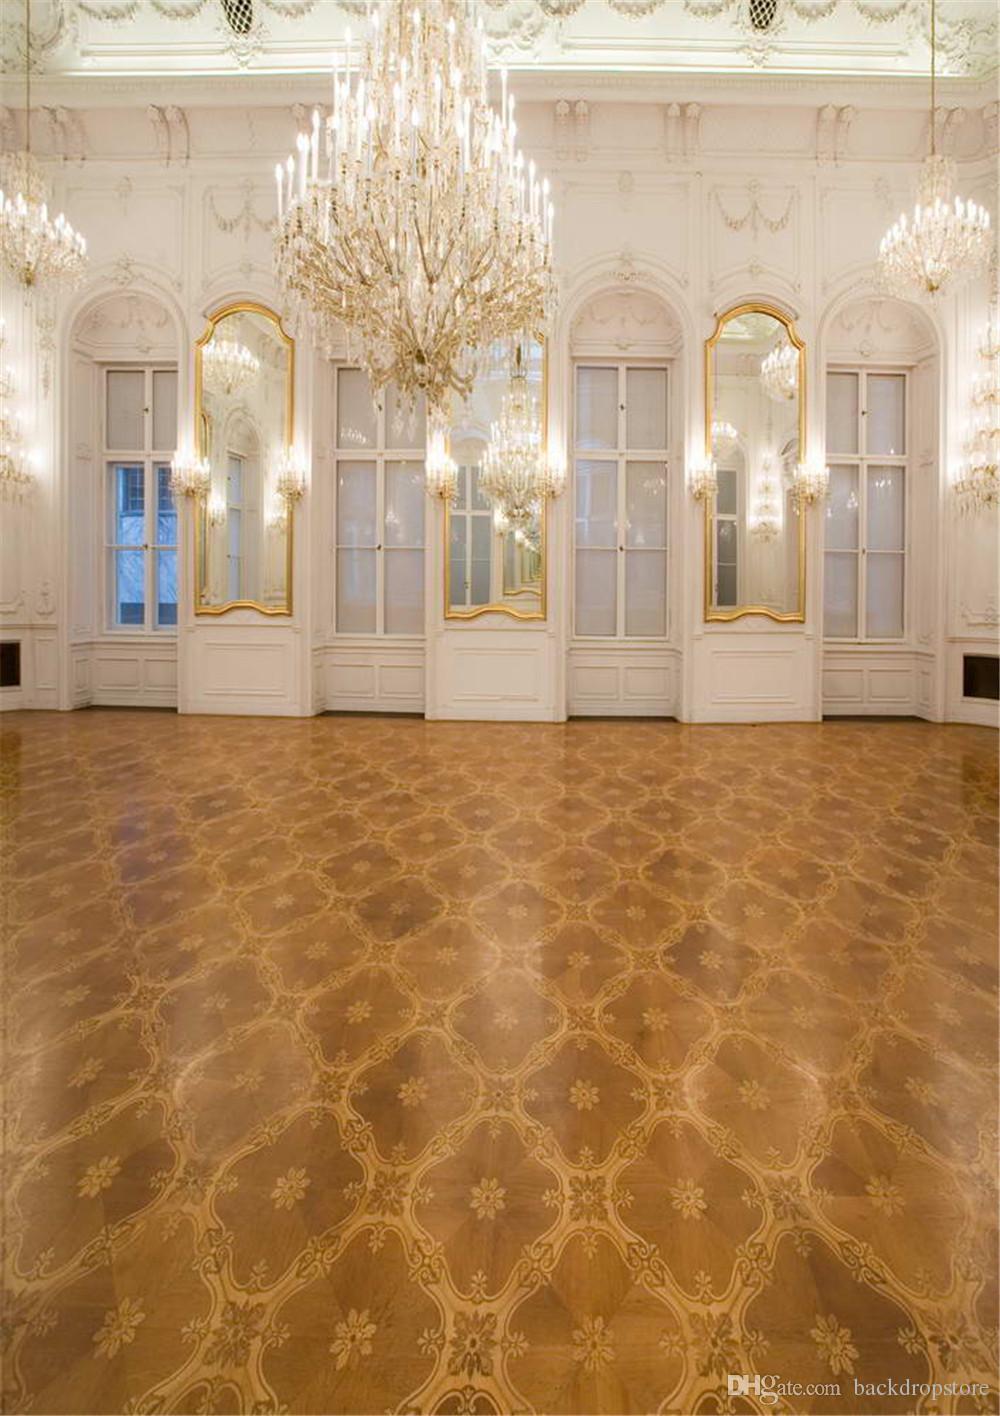 الفاخرة الداخلية قصر كريستال الثريا الخلفيات جدار الأبيض النوافذ الزفاف صور خلفيات خمر براون الدمقس الكلمة